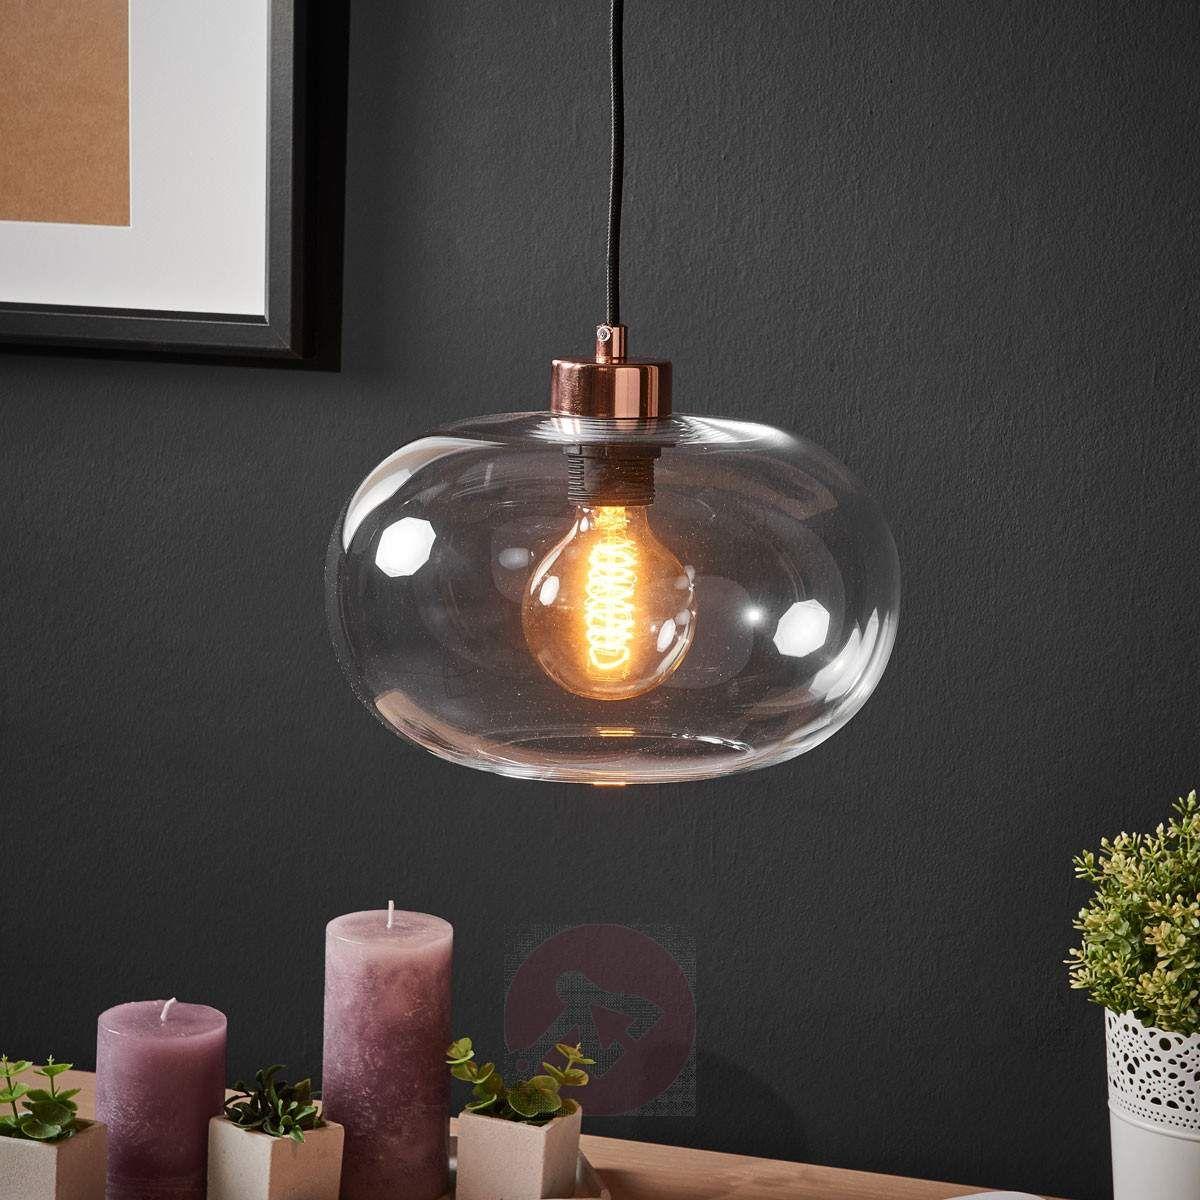 Lampada a sospensione in vetro, stile nordico. Hanglamp